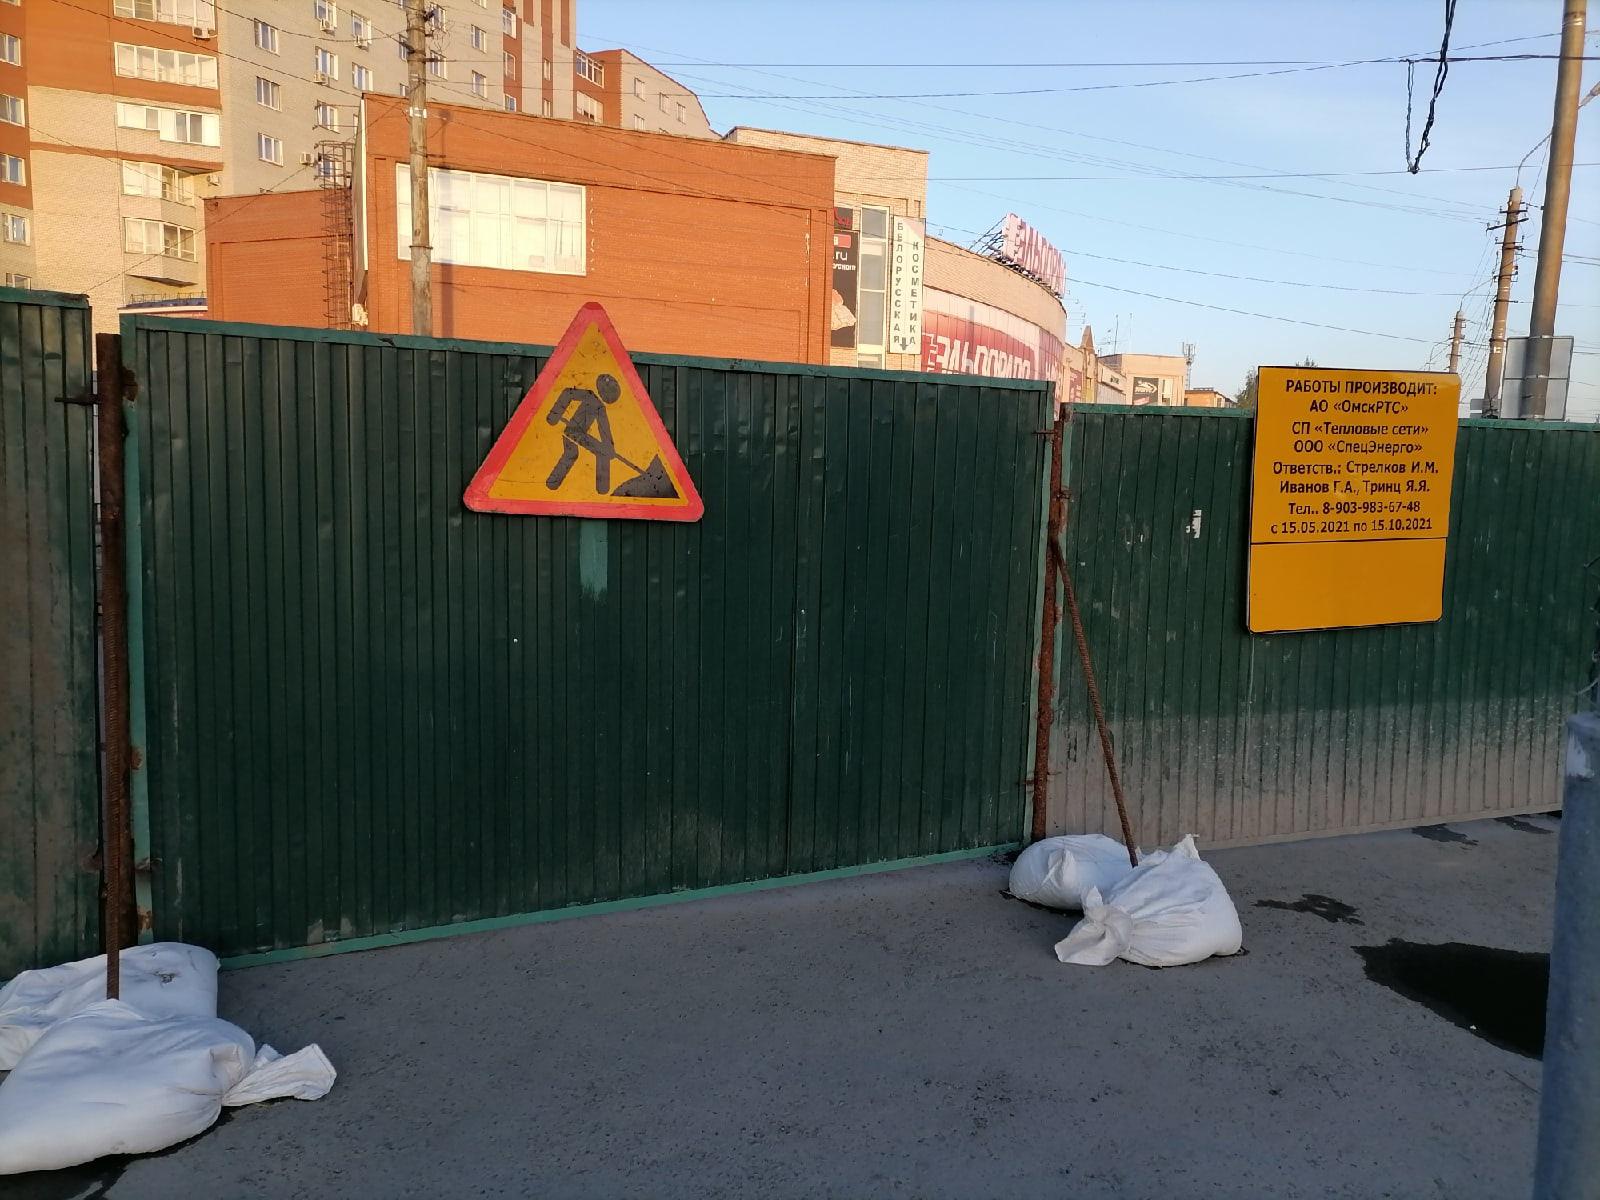 В Омске перенесли остановку «Площадь Лицкевича» #Омск #Общество #Сегодня